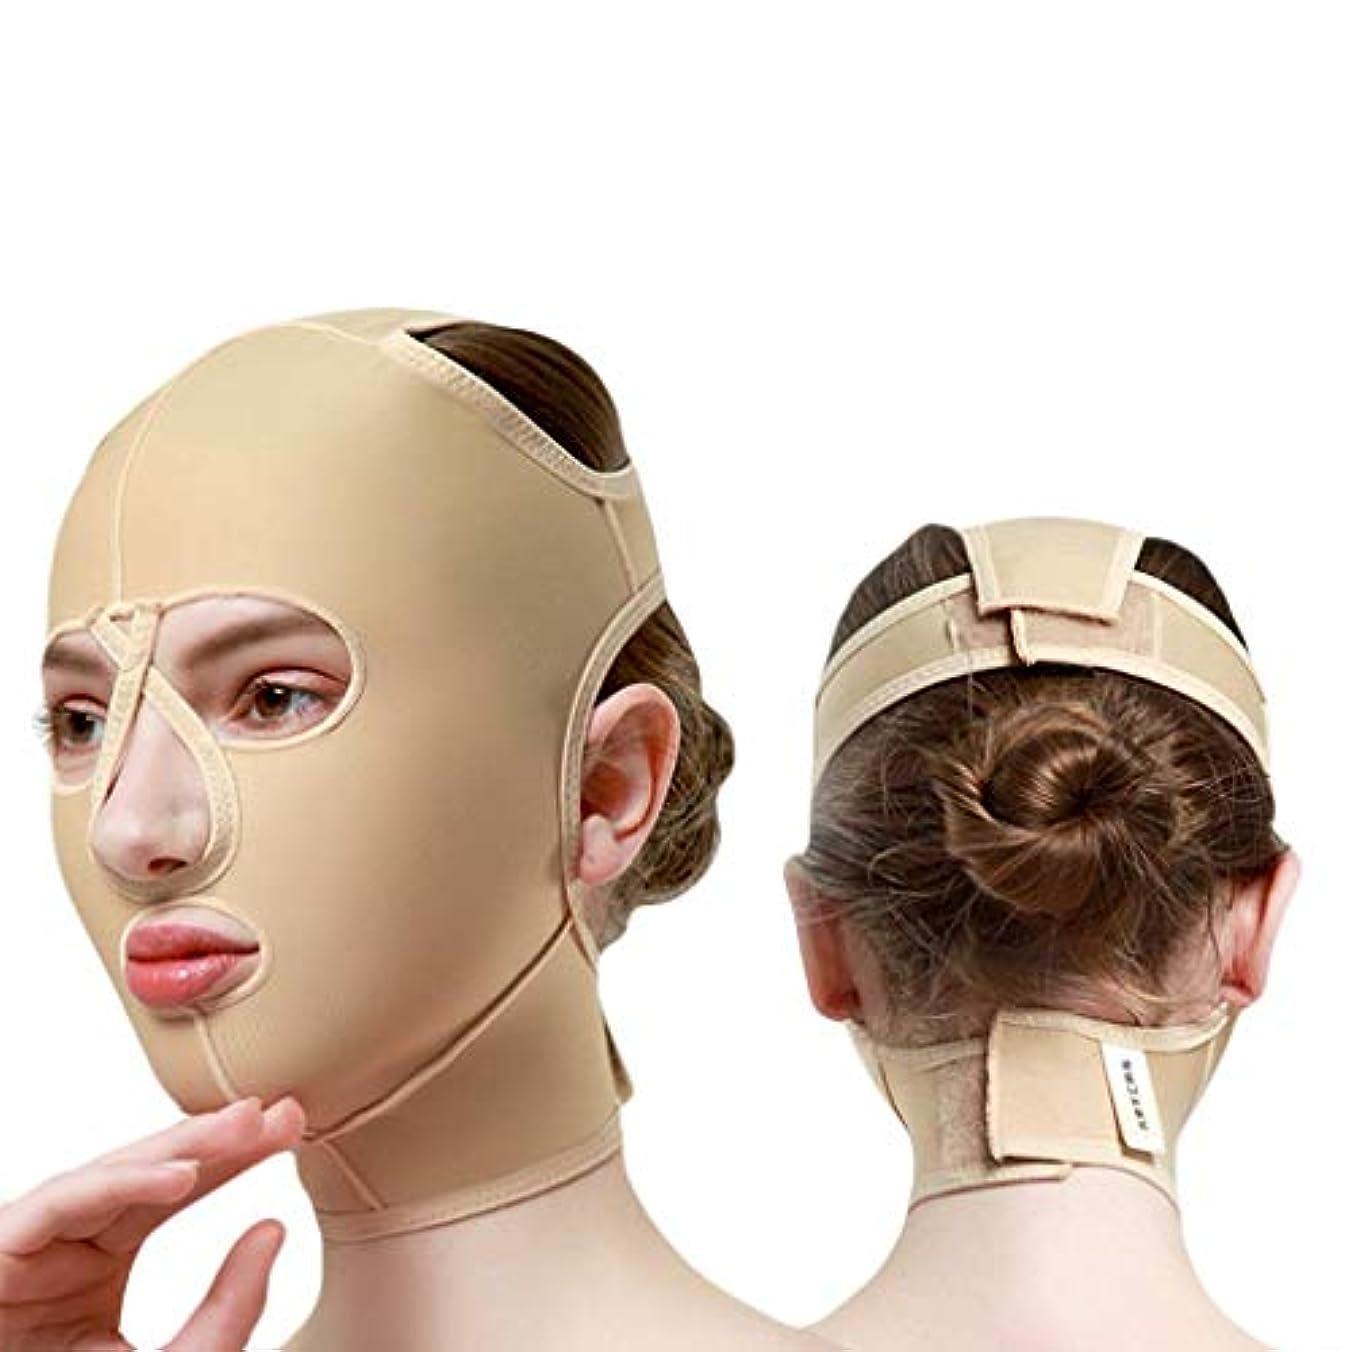 哲学博士時制プーノチンストラップ、顔彫りツール、リフティングマスク、ダブルチンリデューサー、フェイスリフティングエラスティックマスクメス(サイズ:M),XL